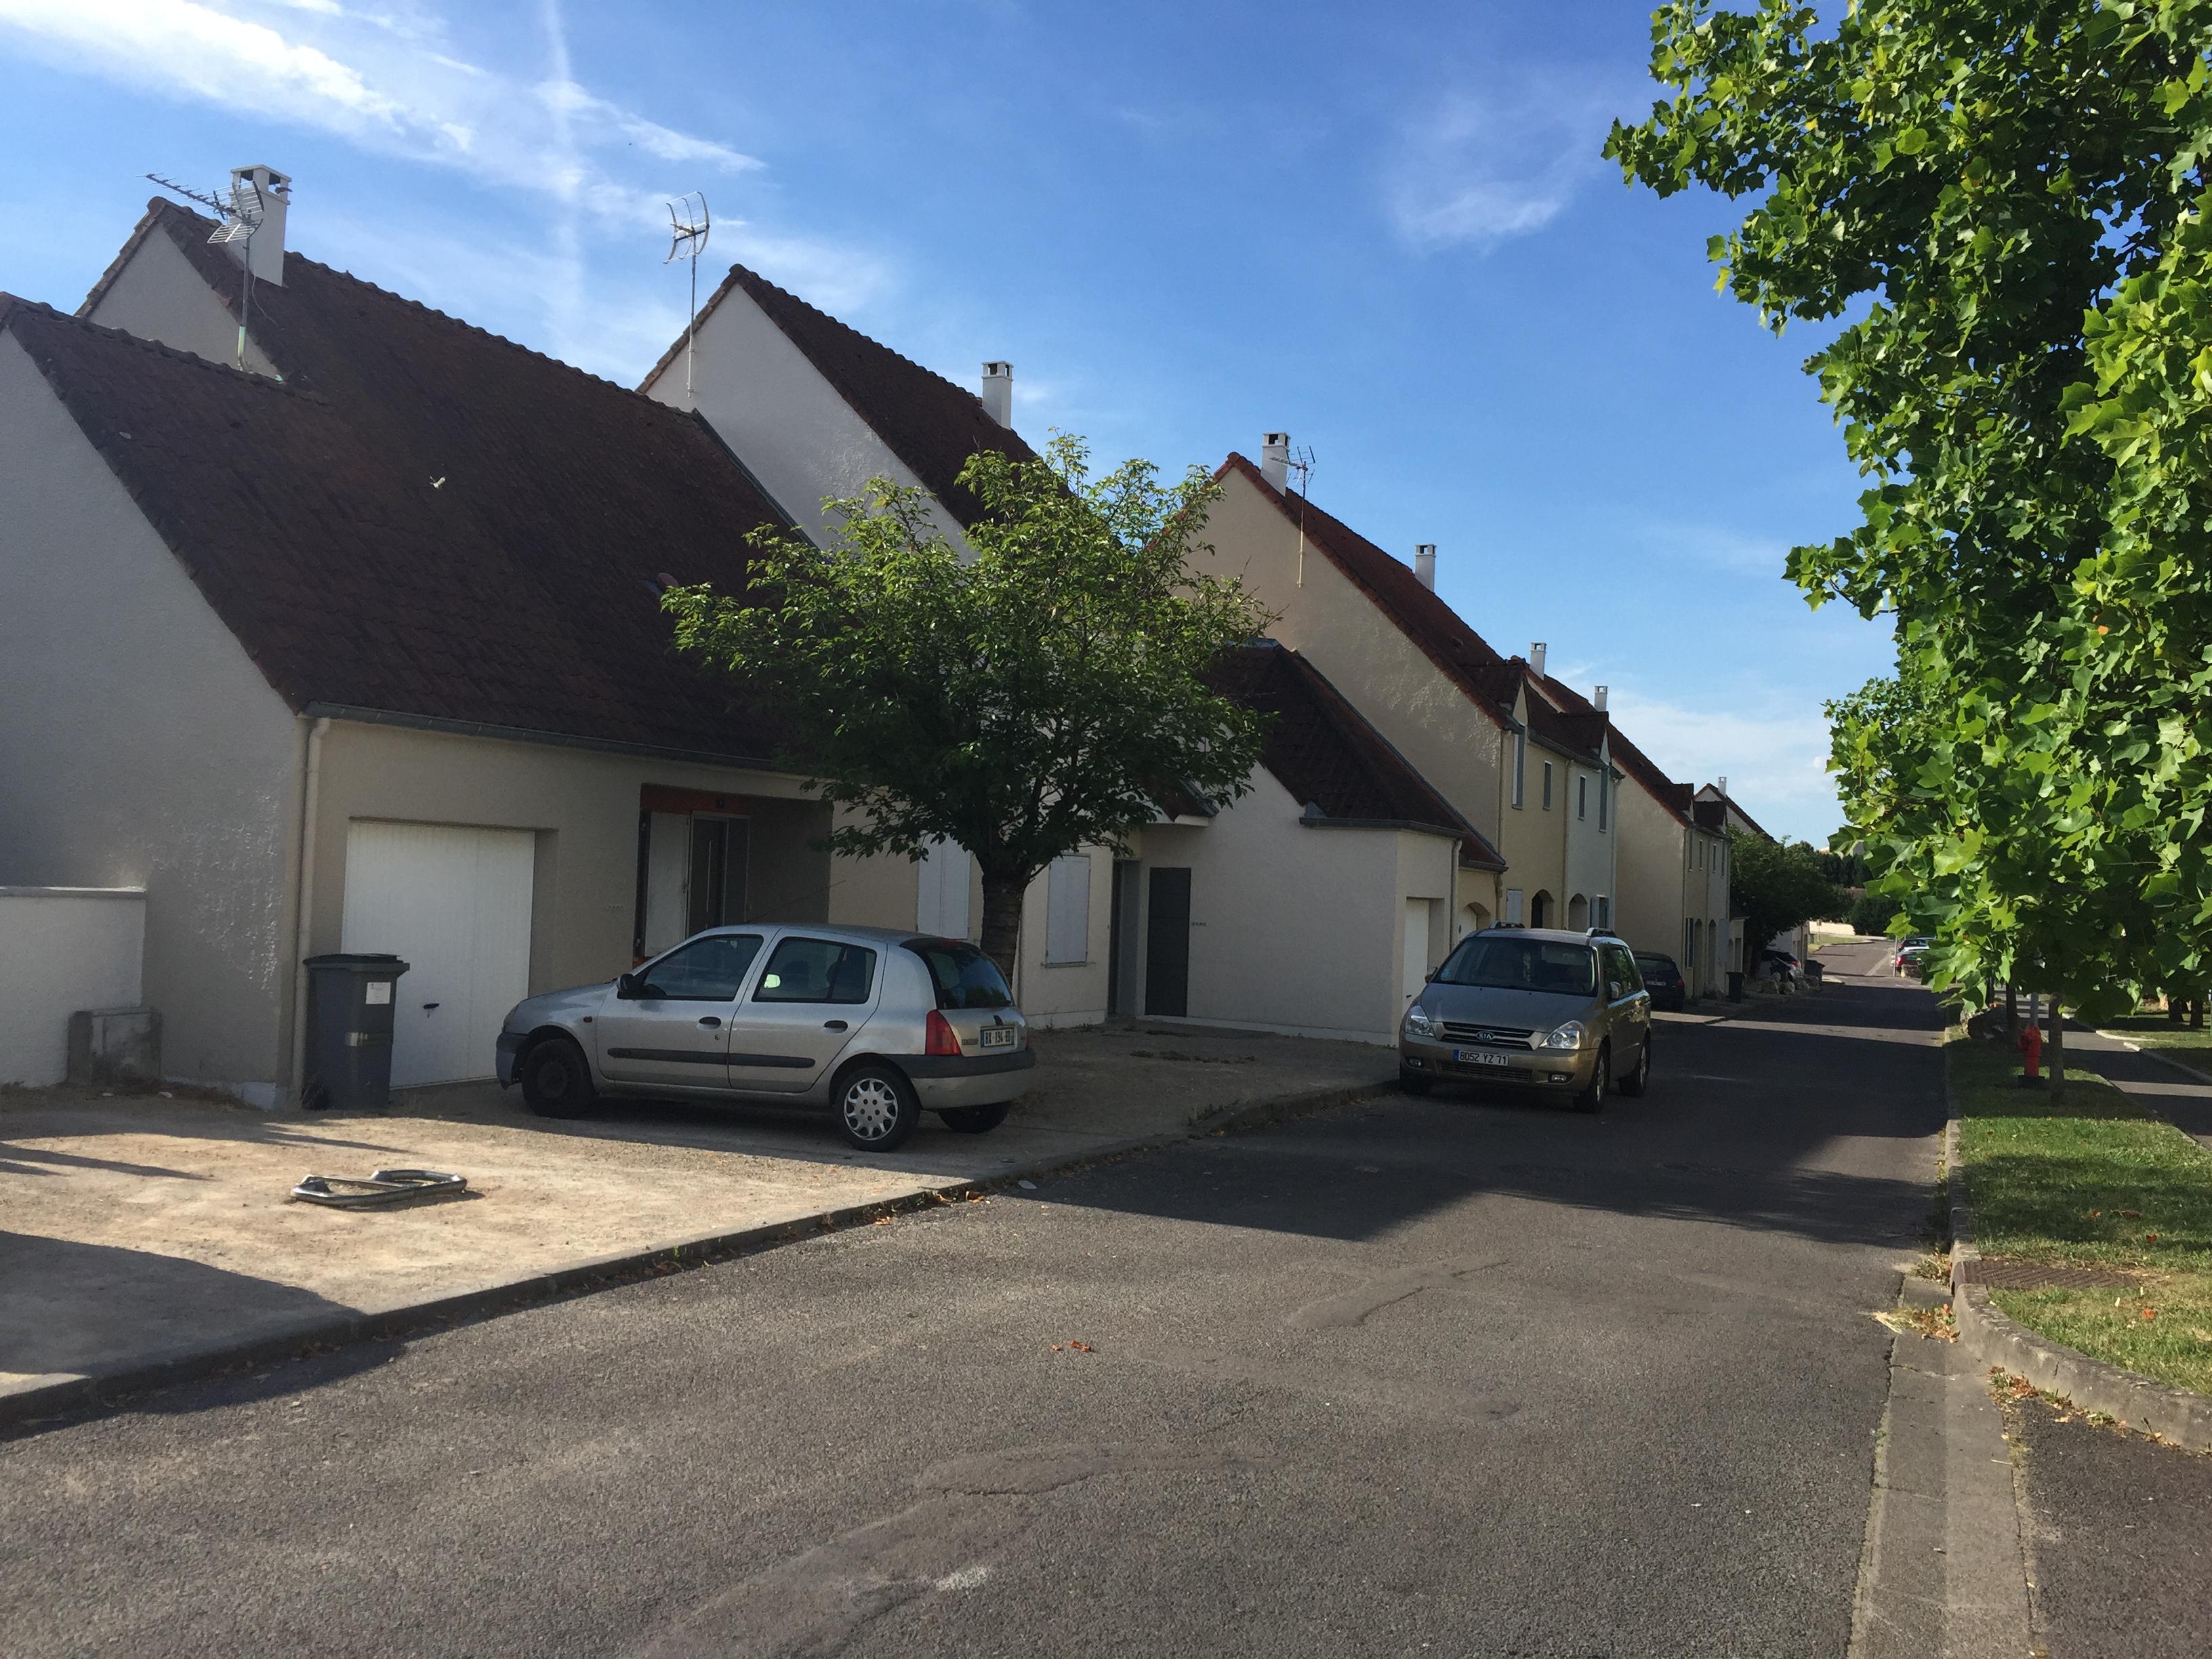 51 pavillons réhabilités à Chagny